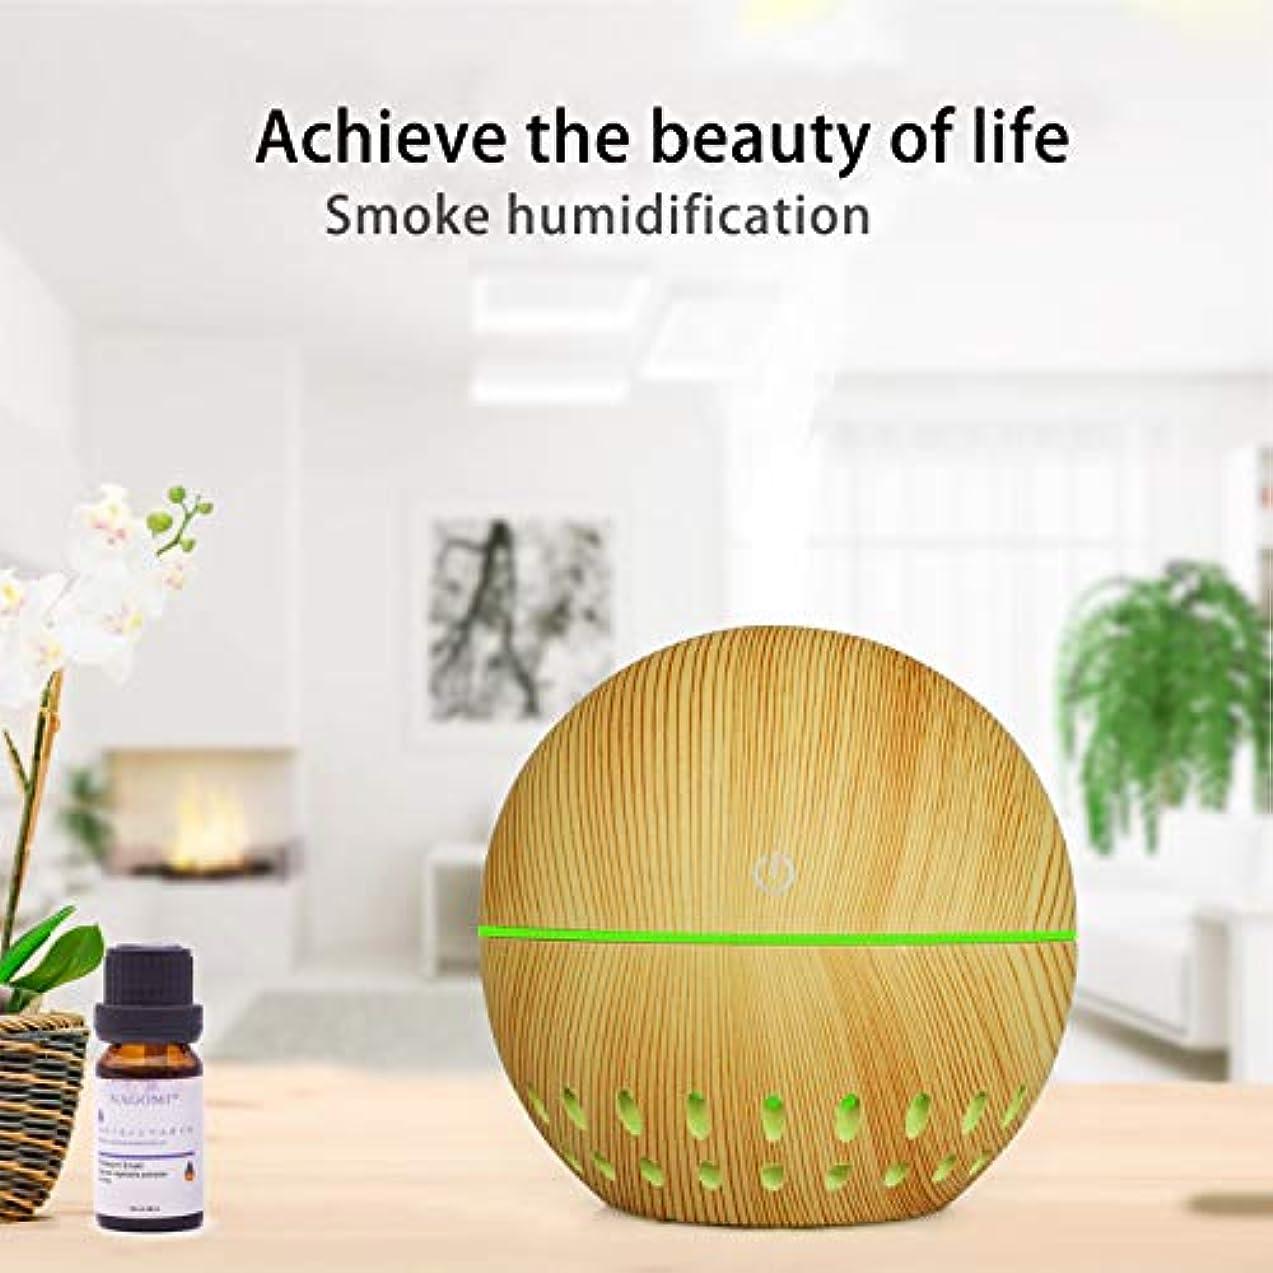 愛人宅配便リストエッセンシャルオイルディフューザーは、家庭やオフィスのためにミスト加湿器をクール130mlの (Color : Light wood grain, Size : 10×10.5)